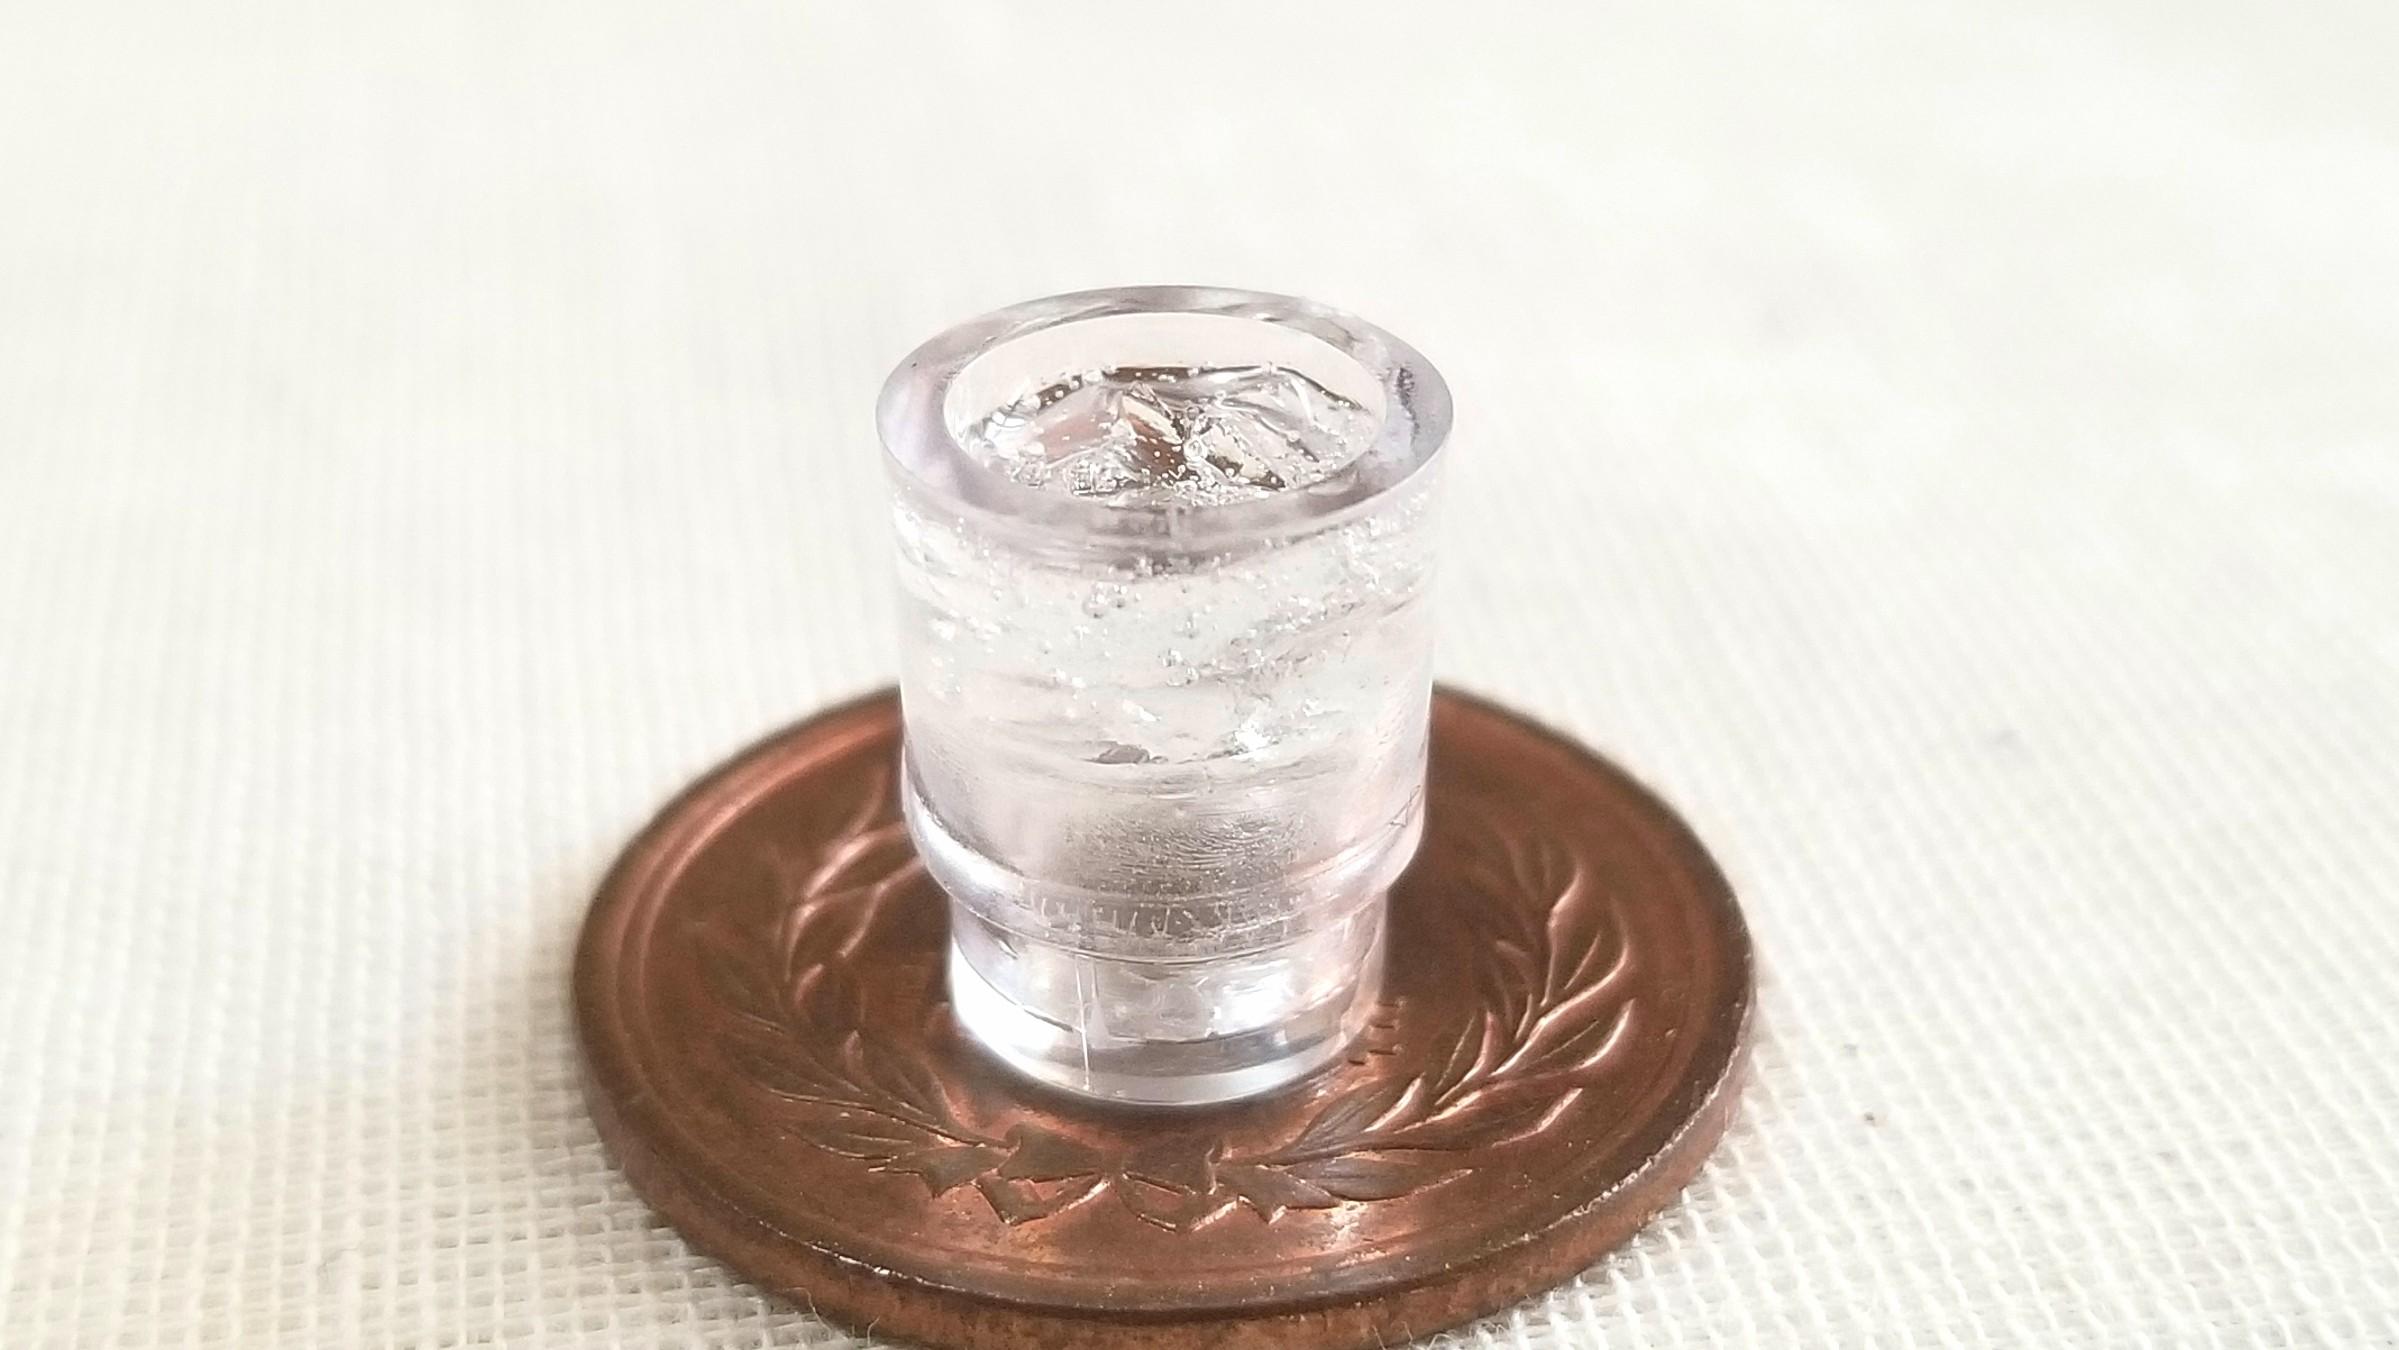 お冷や,冷水,天然水,ミニチュアフード,涼しげ,レジン,熱中症予防